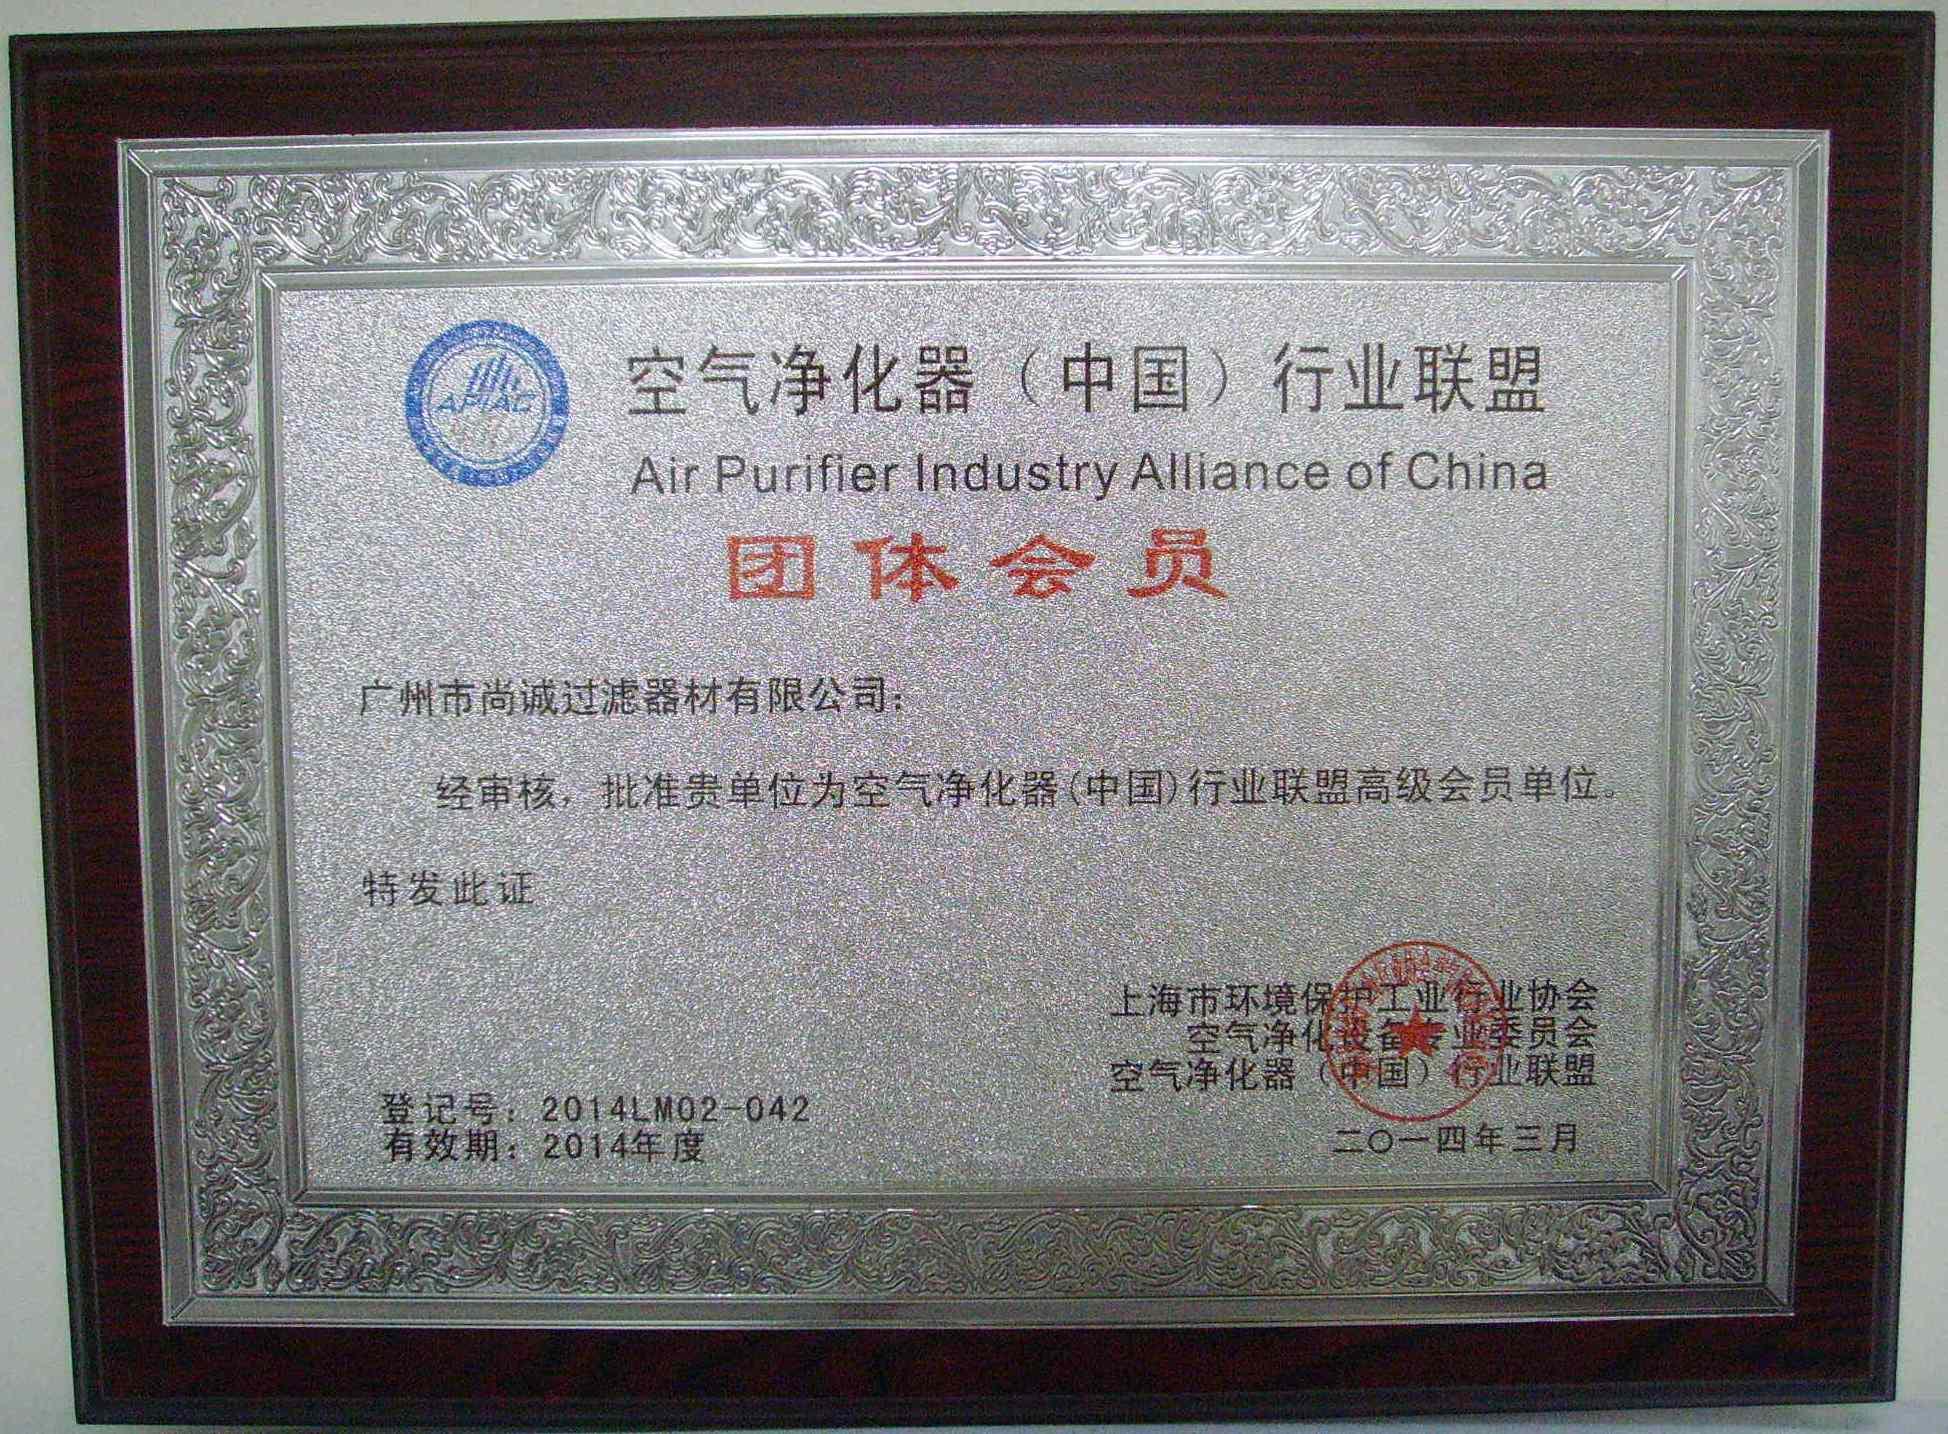 上海空气净化联盟会员